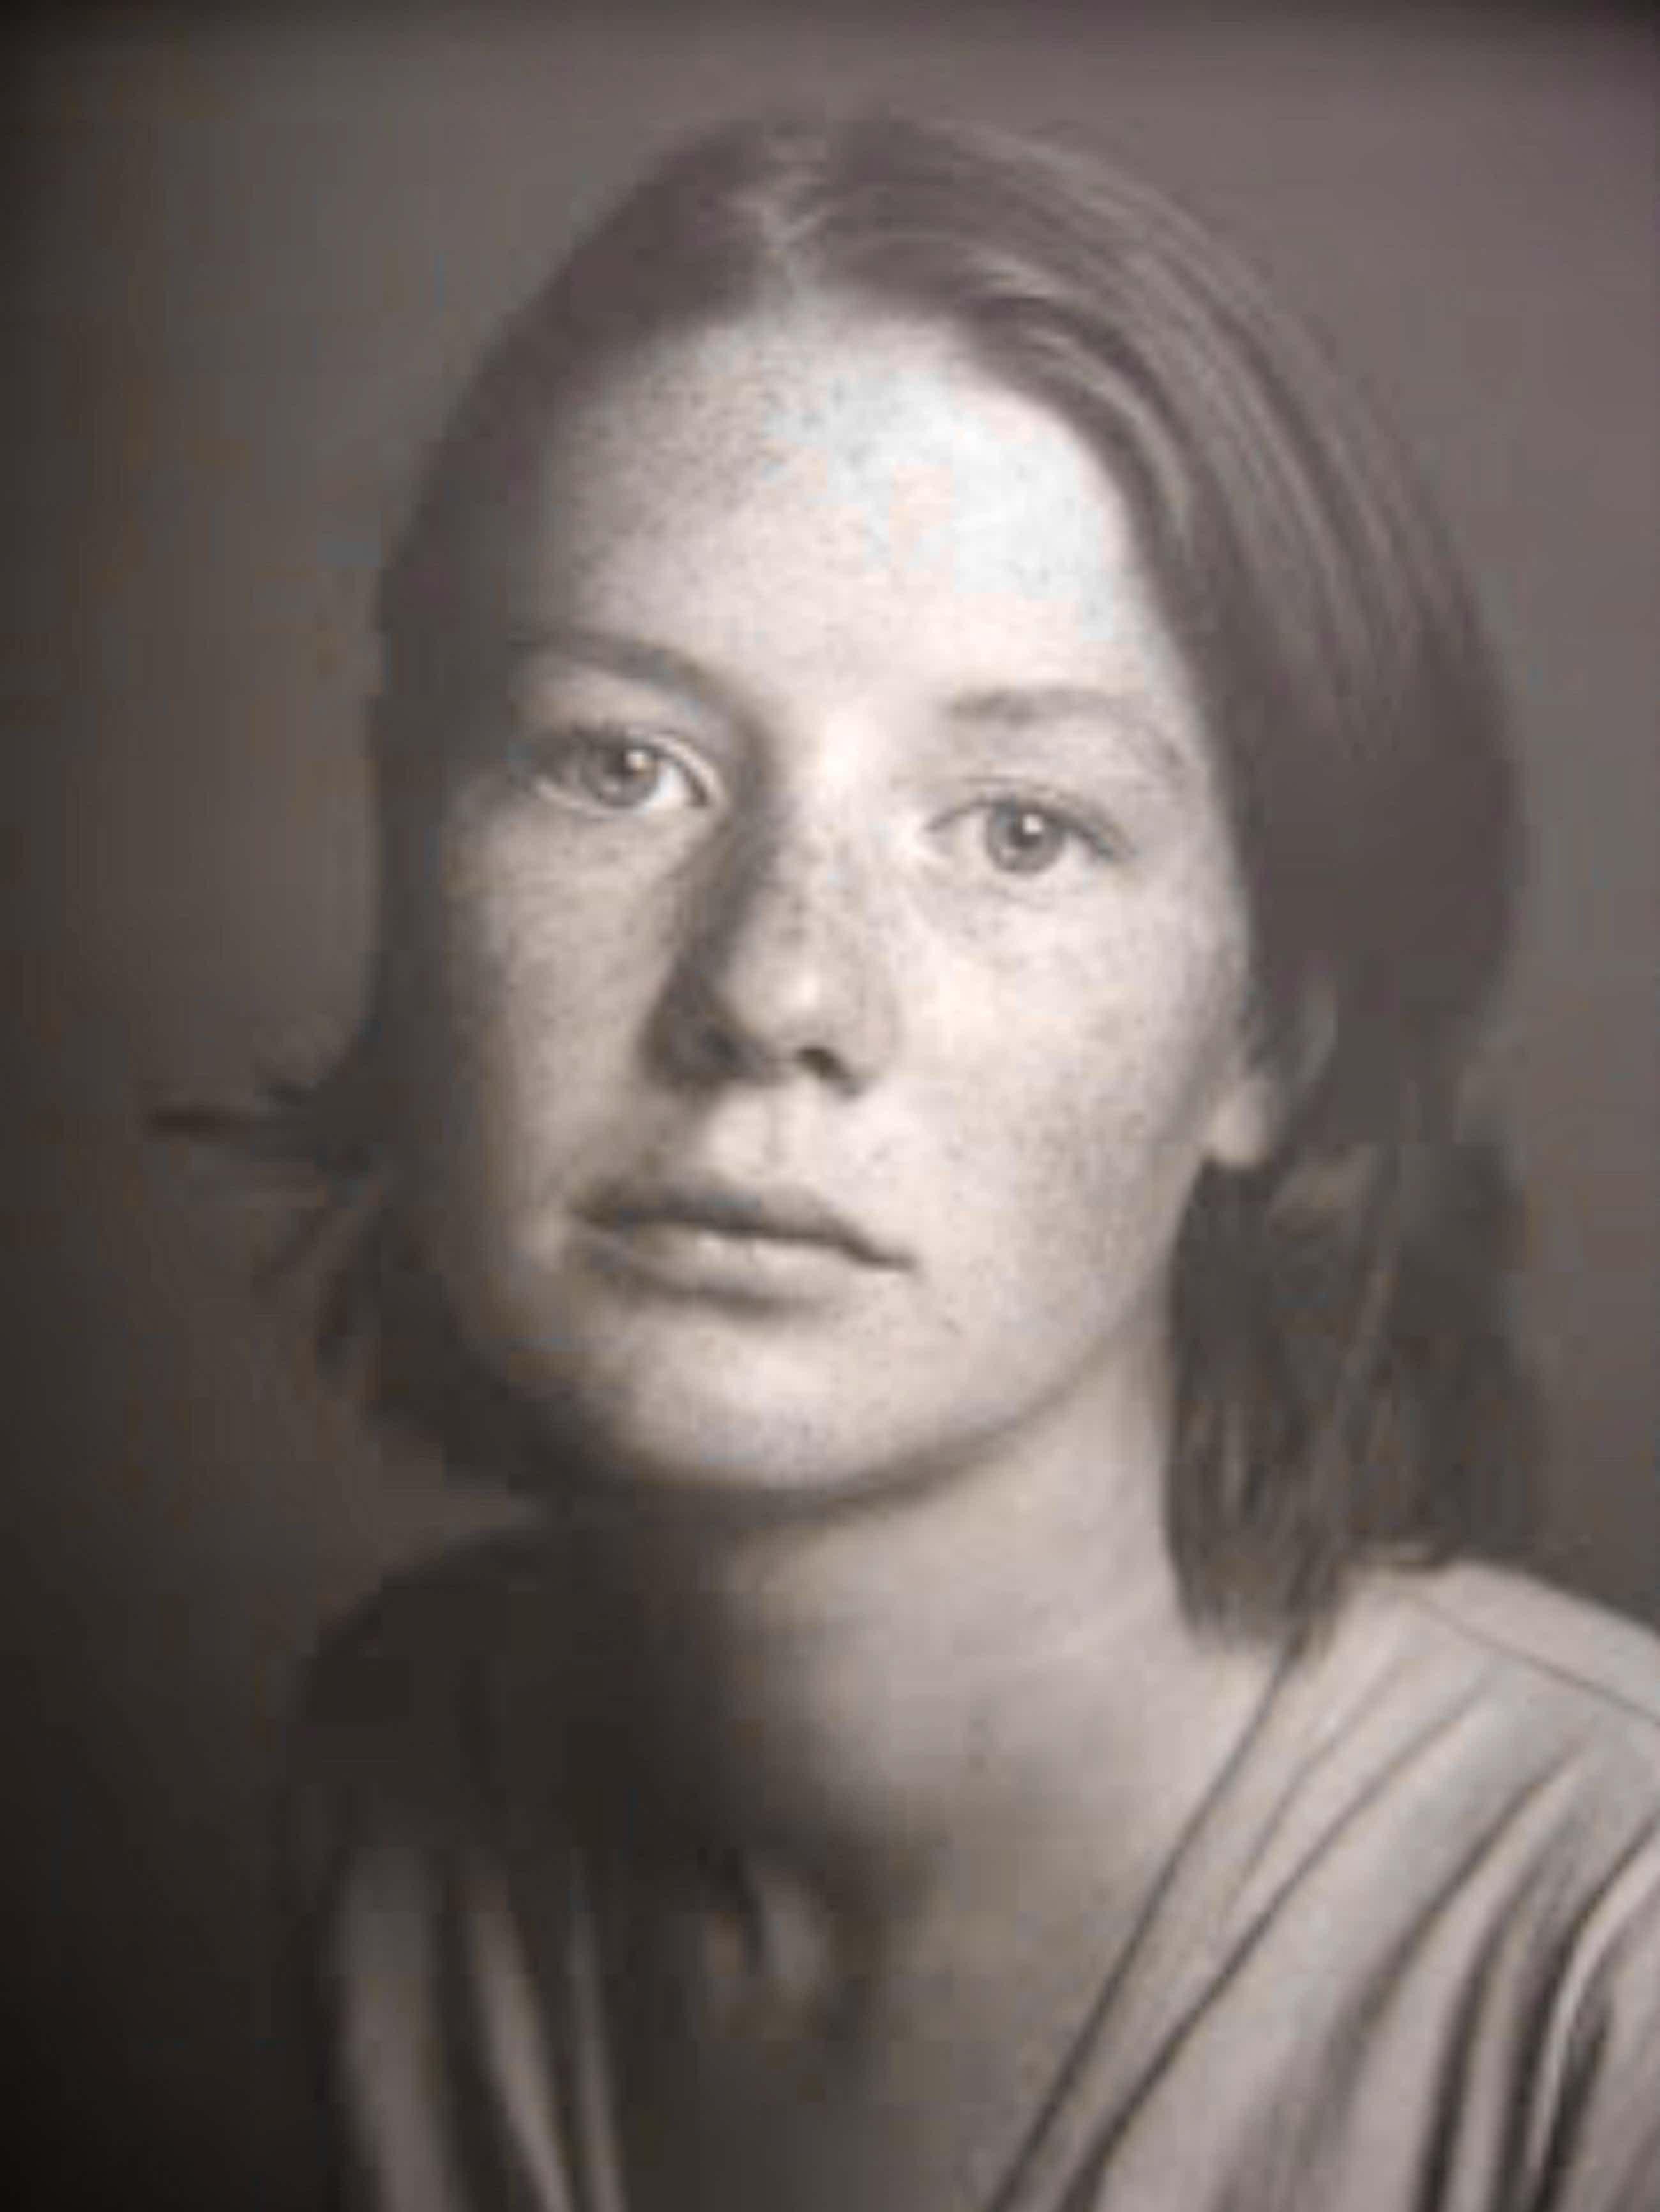 Koos Breukel - Portret kopen? Bied vanaf 75!